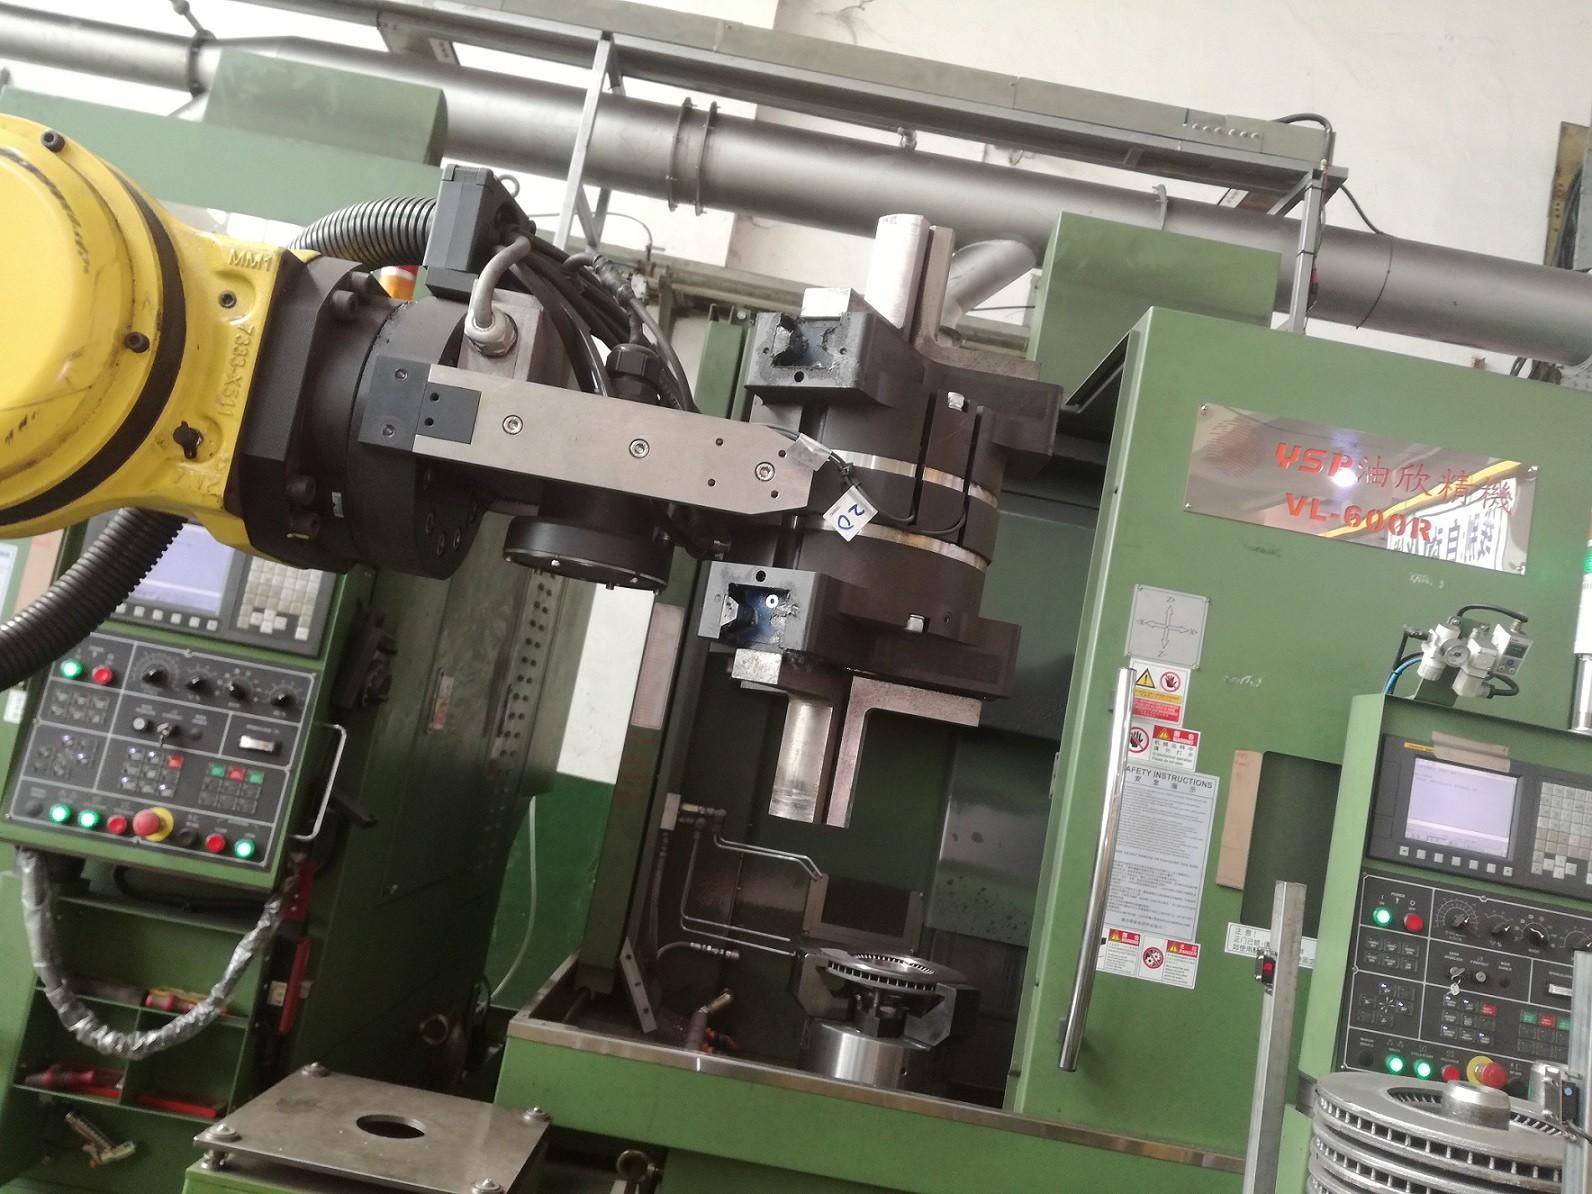 刹车盘CNC加工机床自动上下料机器人自动生产线案例图片2